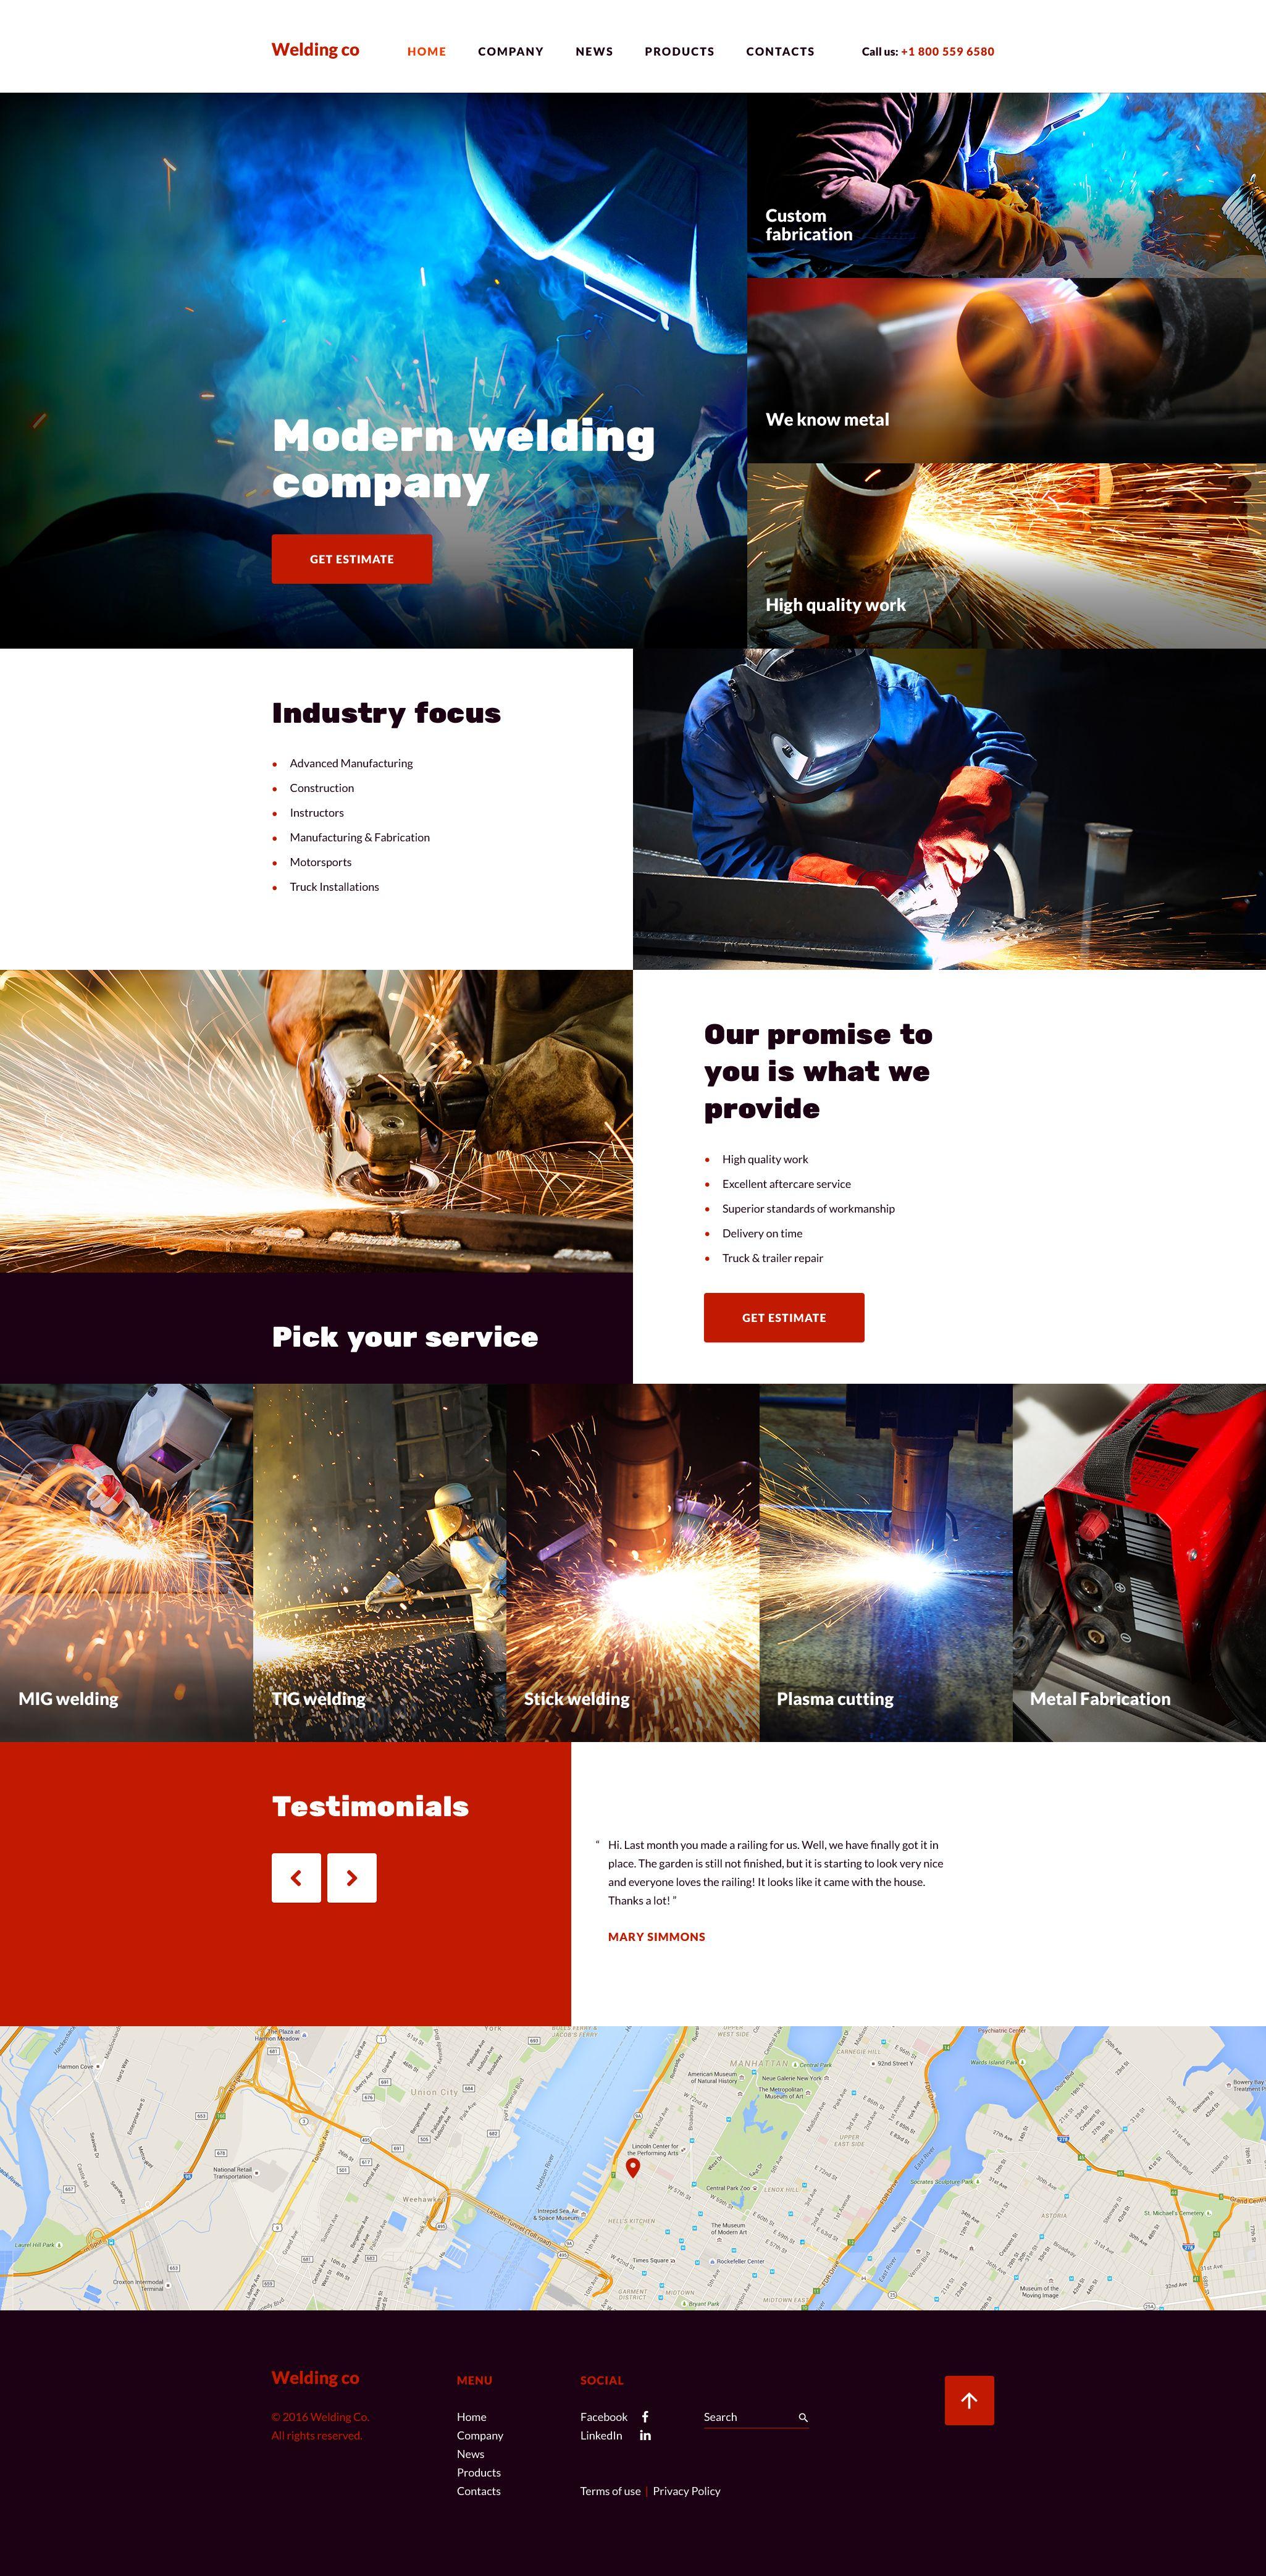 welding co website template new website templates pinterest